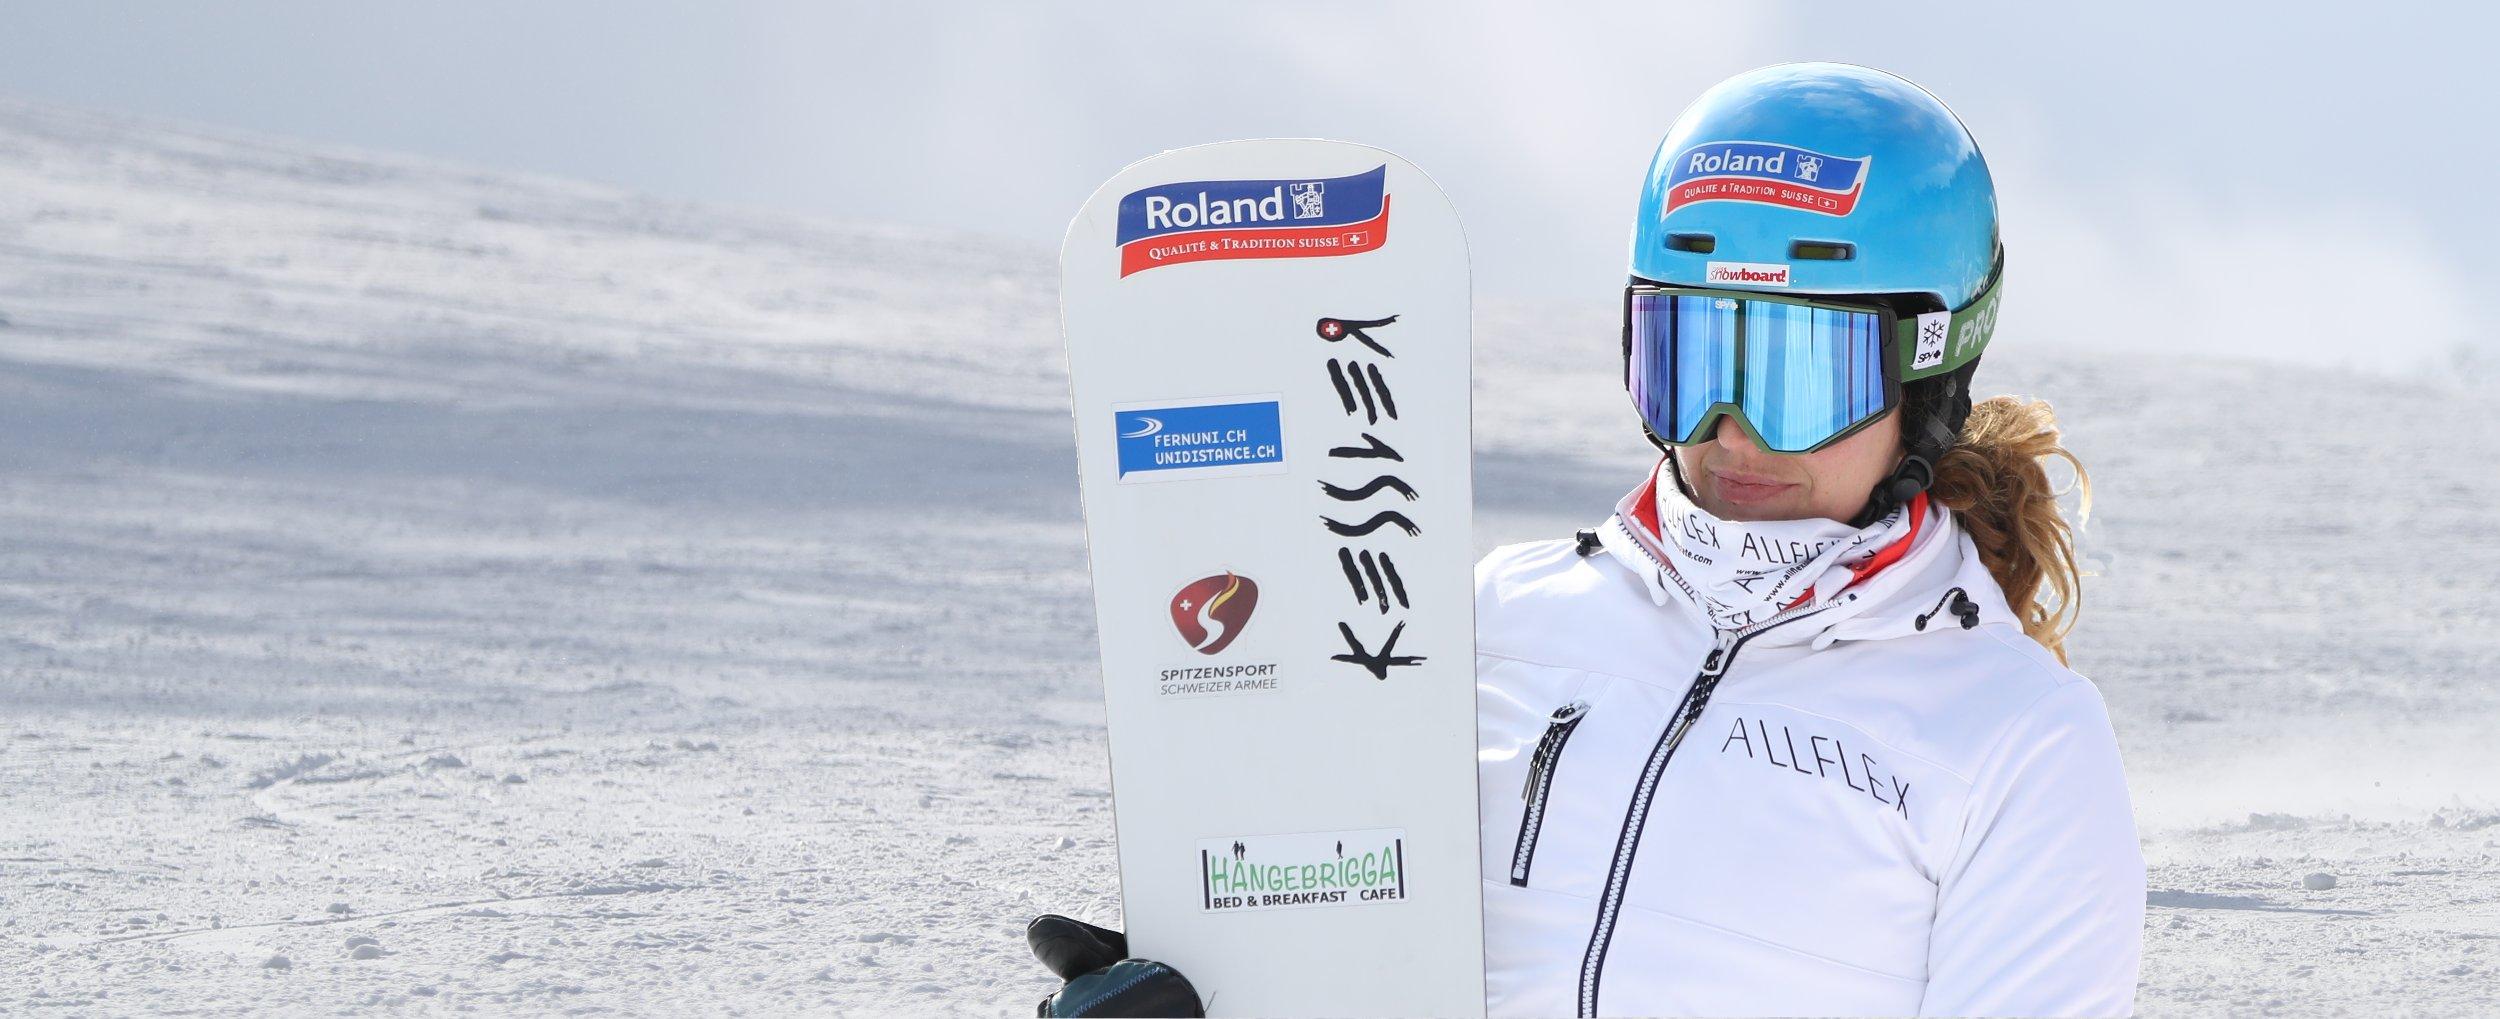 Portraitaufnahme von Patrizia Kummer im Schnee von Korea mitsamt ihrer Snowboardausrüstung.